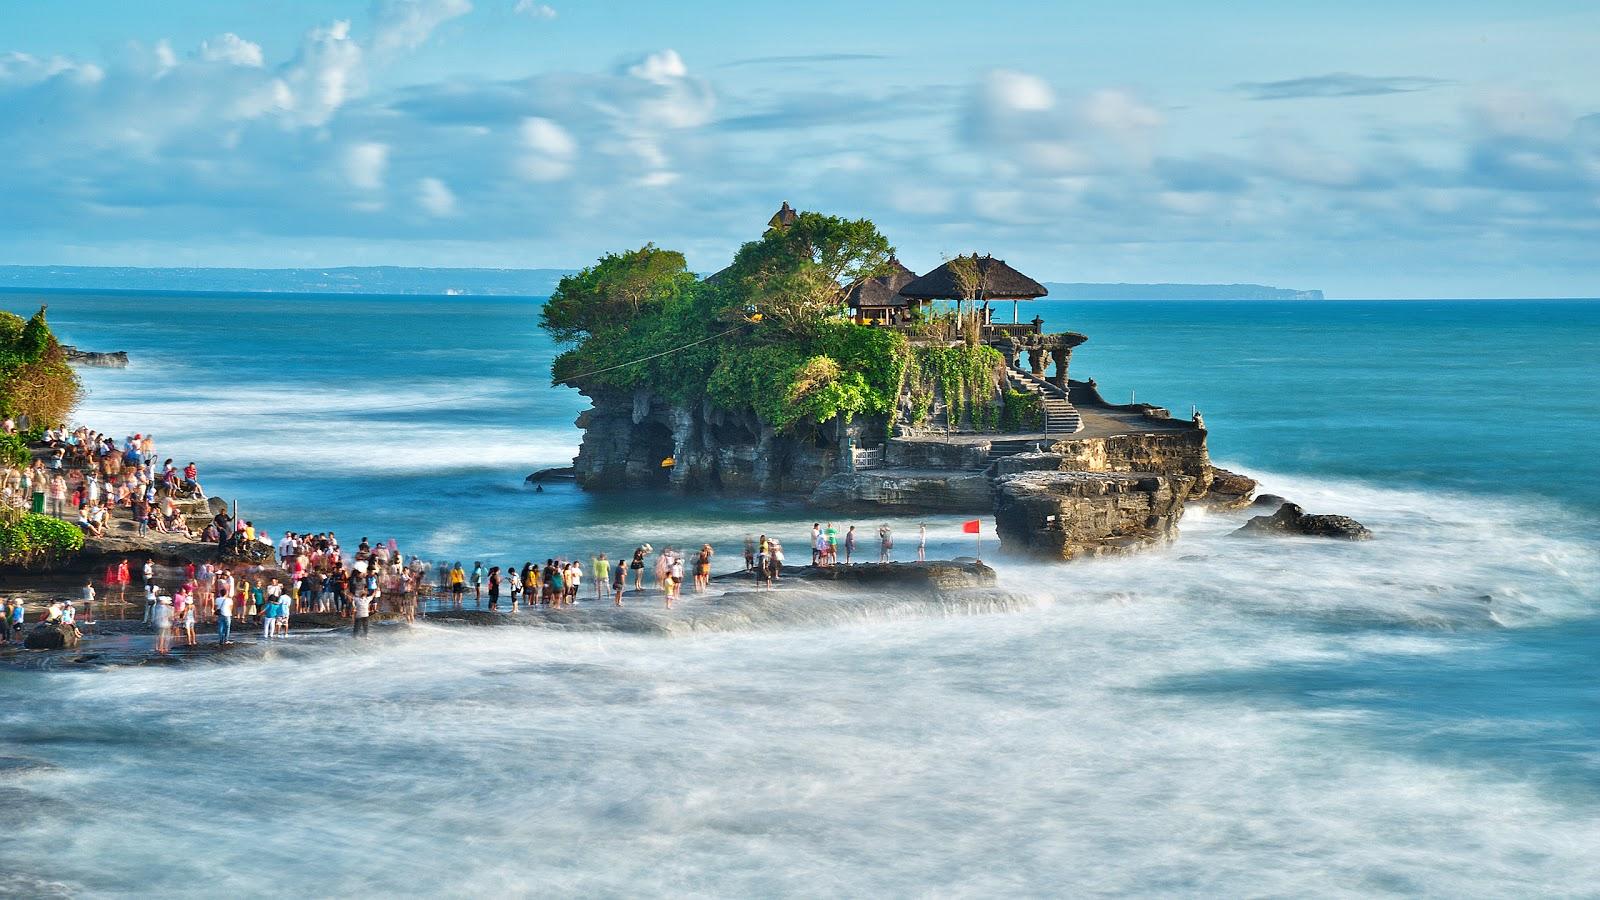 cảnh đẹp đảo Bali bán vé giá rẻ nội địa